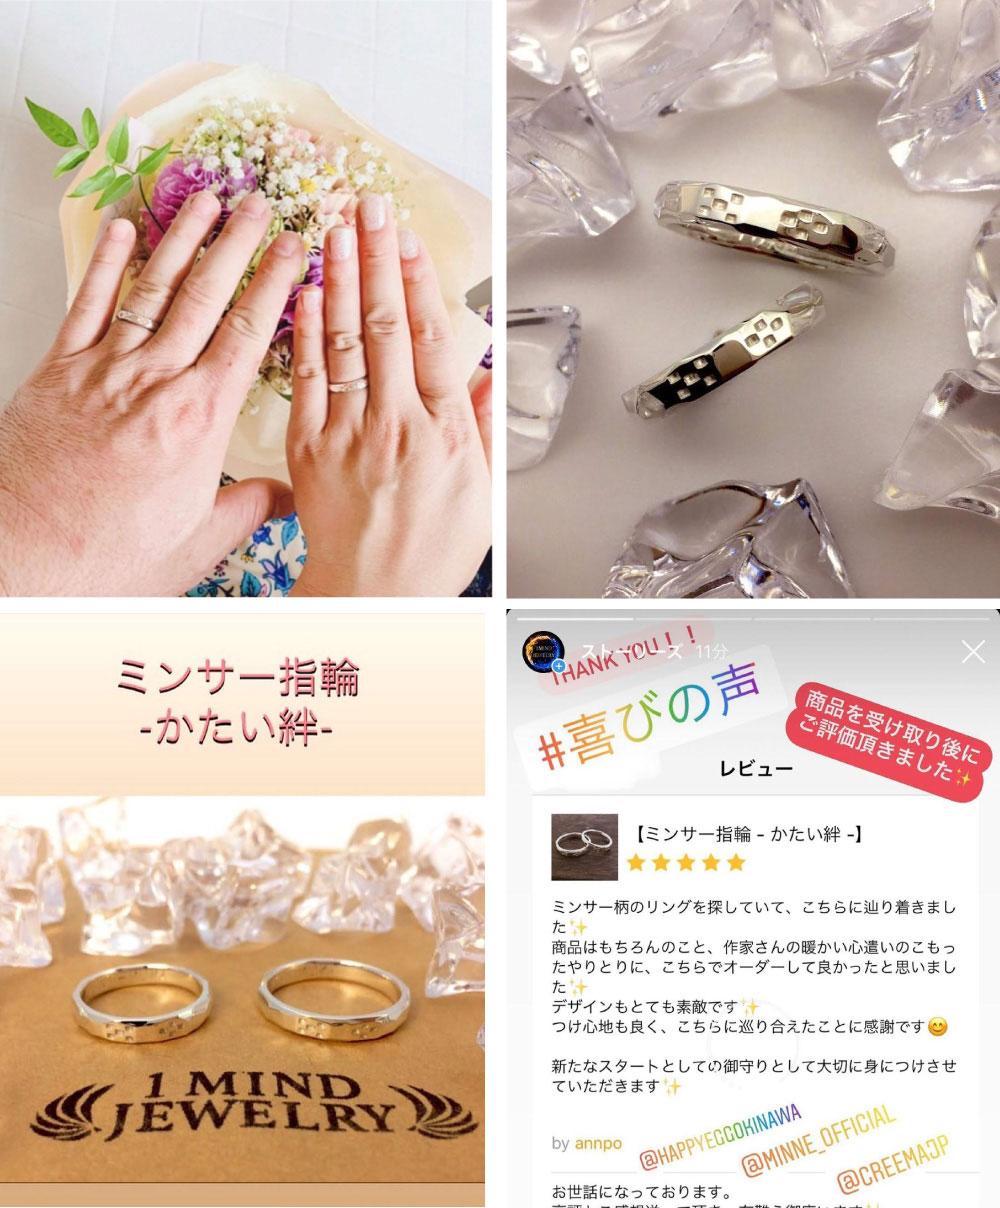 ミンサー指輪-かたい絆-